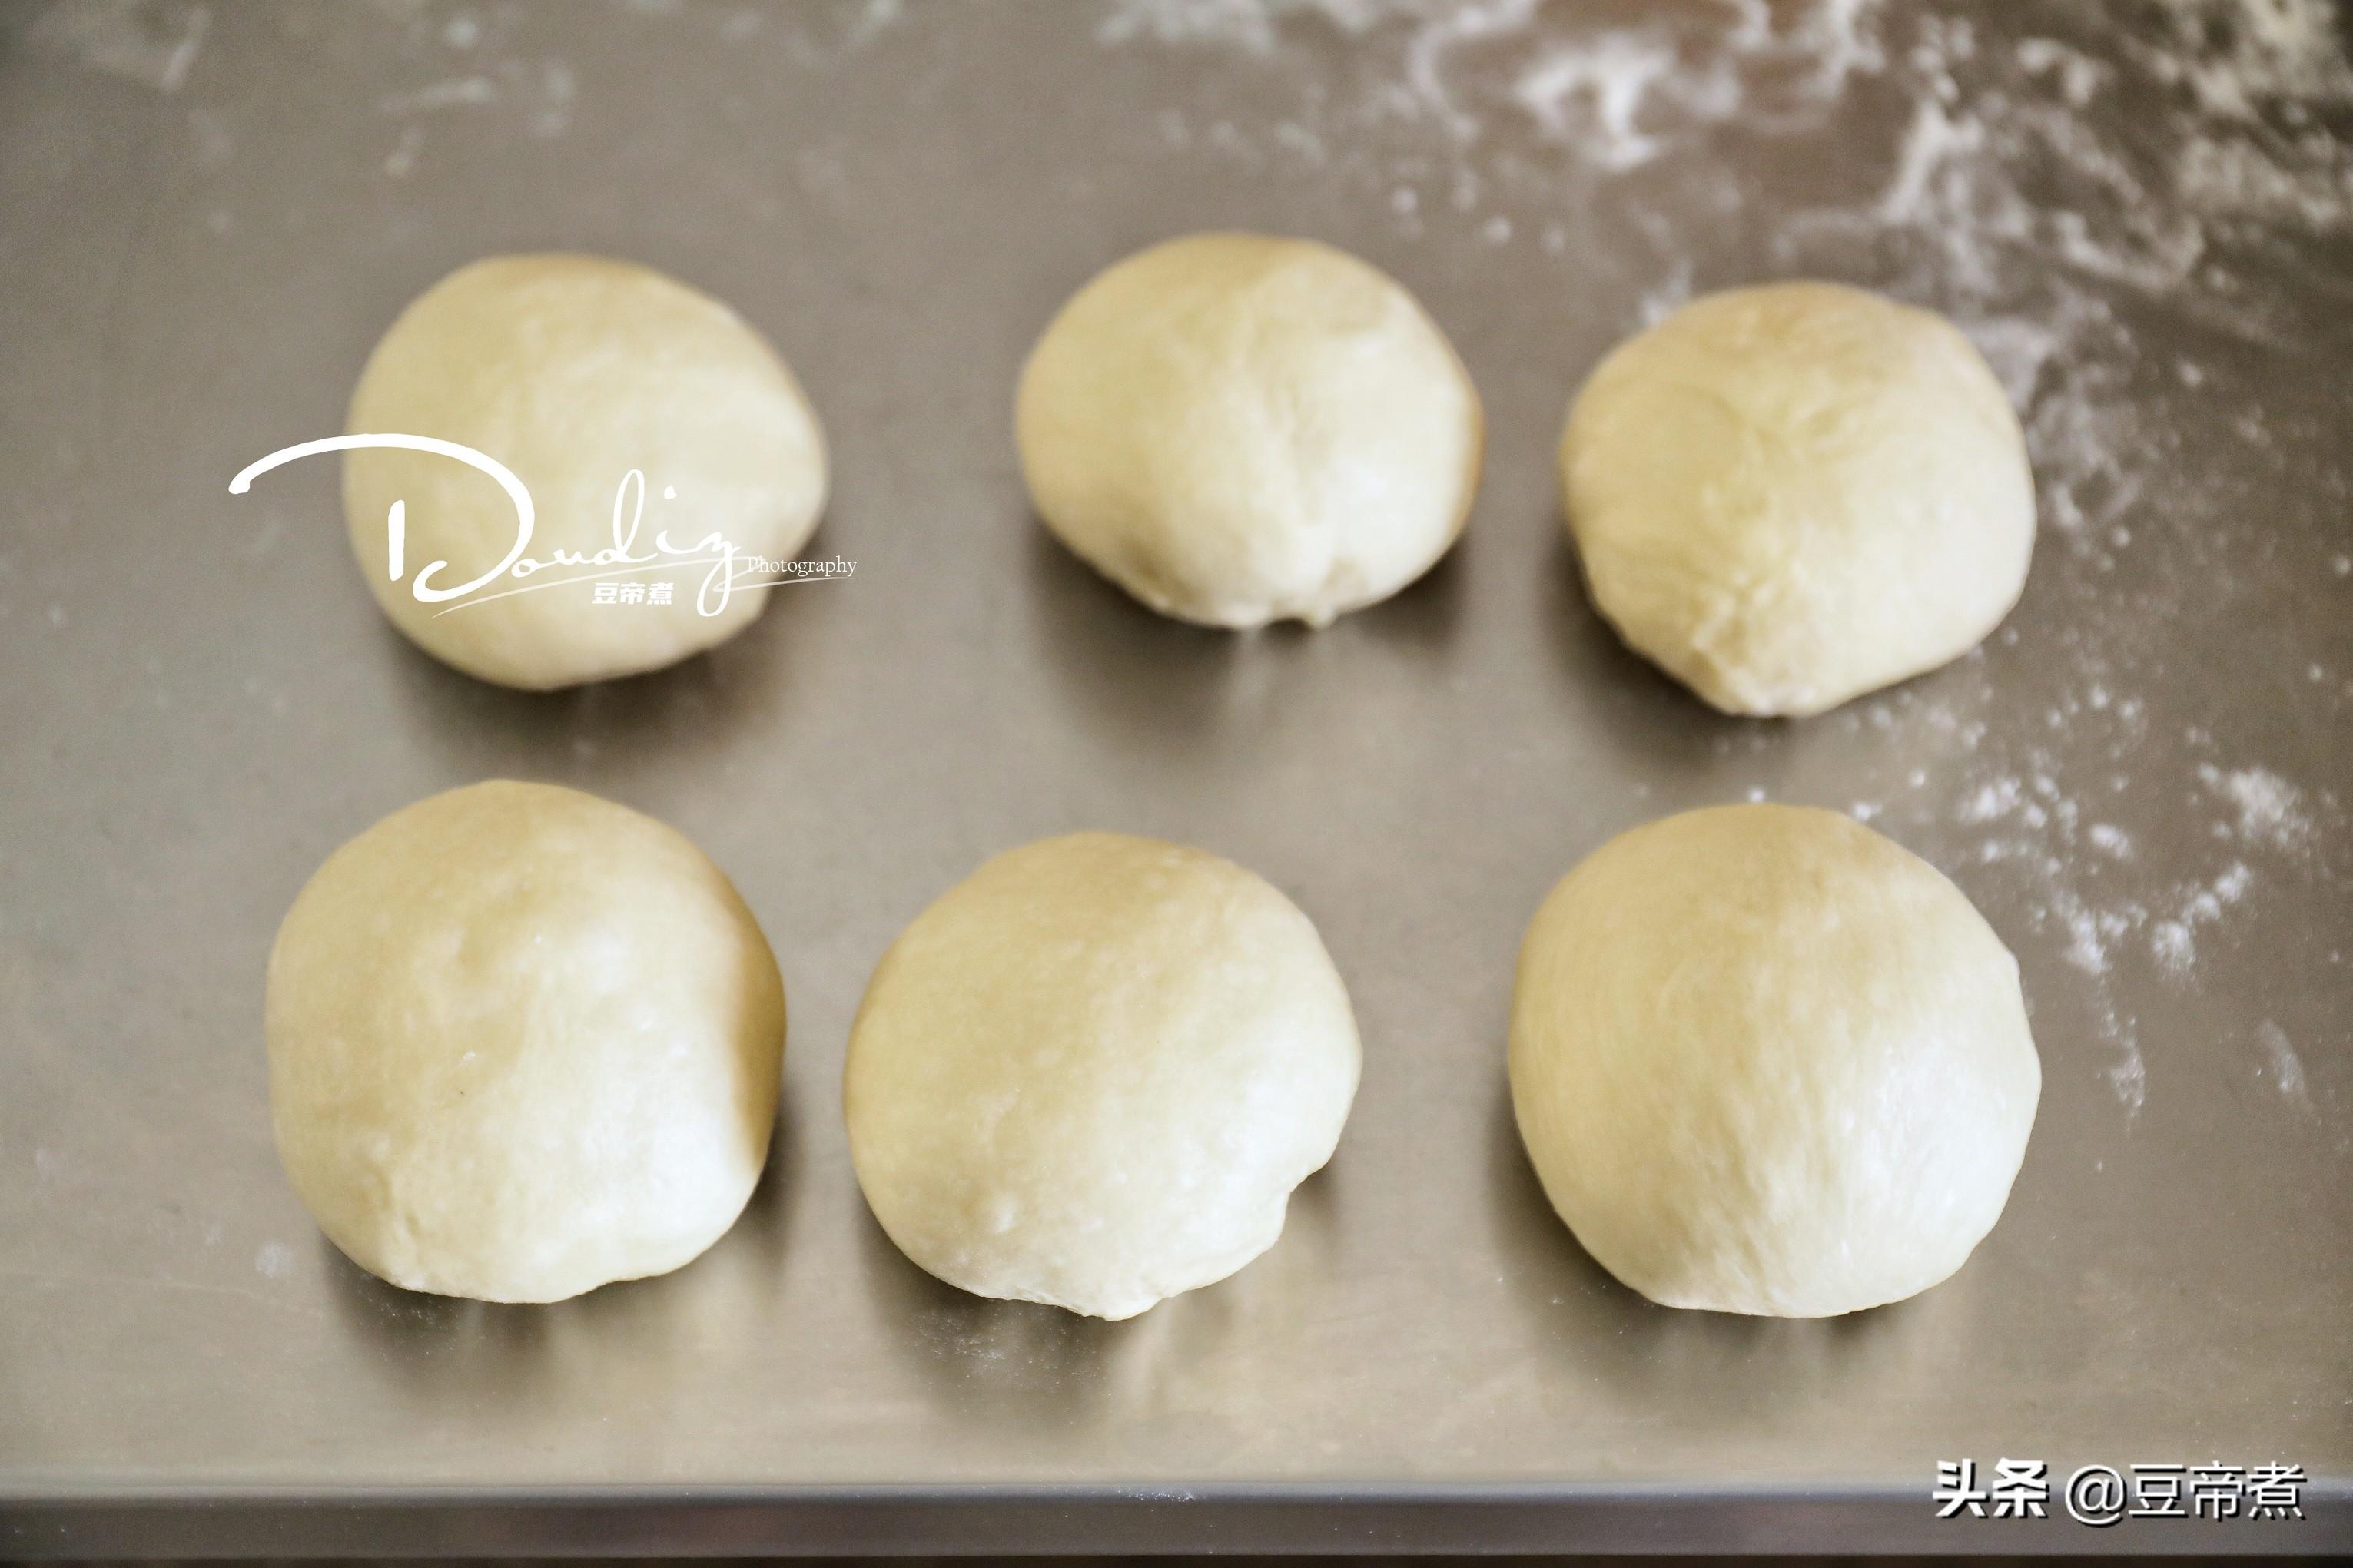 生活中剩餘的麵粉,別放著壞了,加入部分食材就能做出好吃的吐司